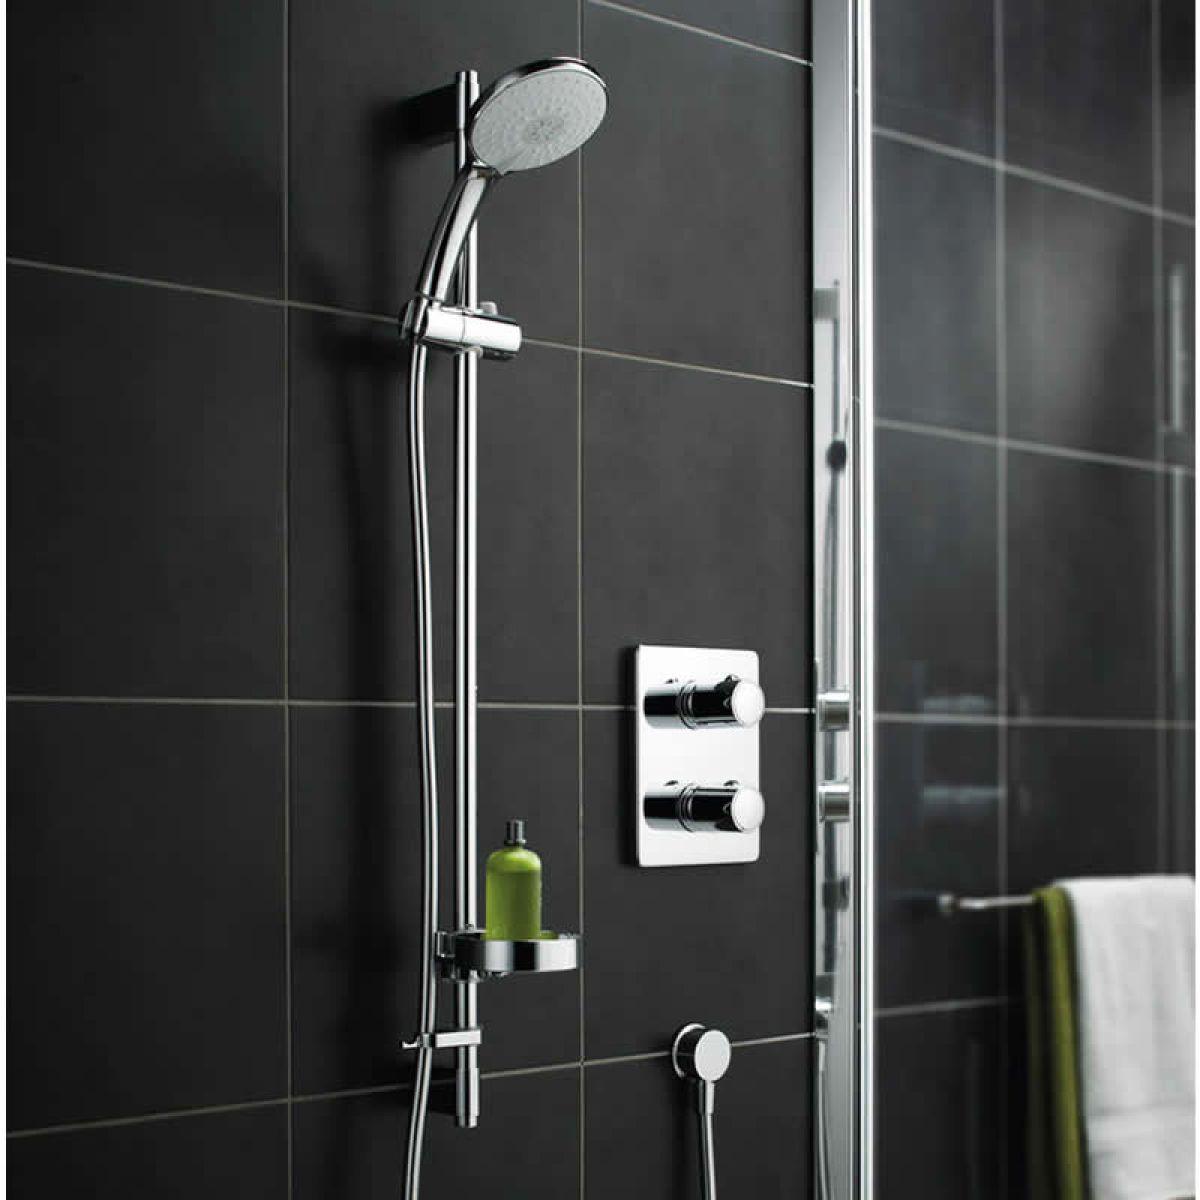 trevi tt concealed shower valve with rivage faceplate uk. Black Bedroom Furniture Sets. Home Design Ideas